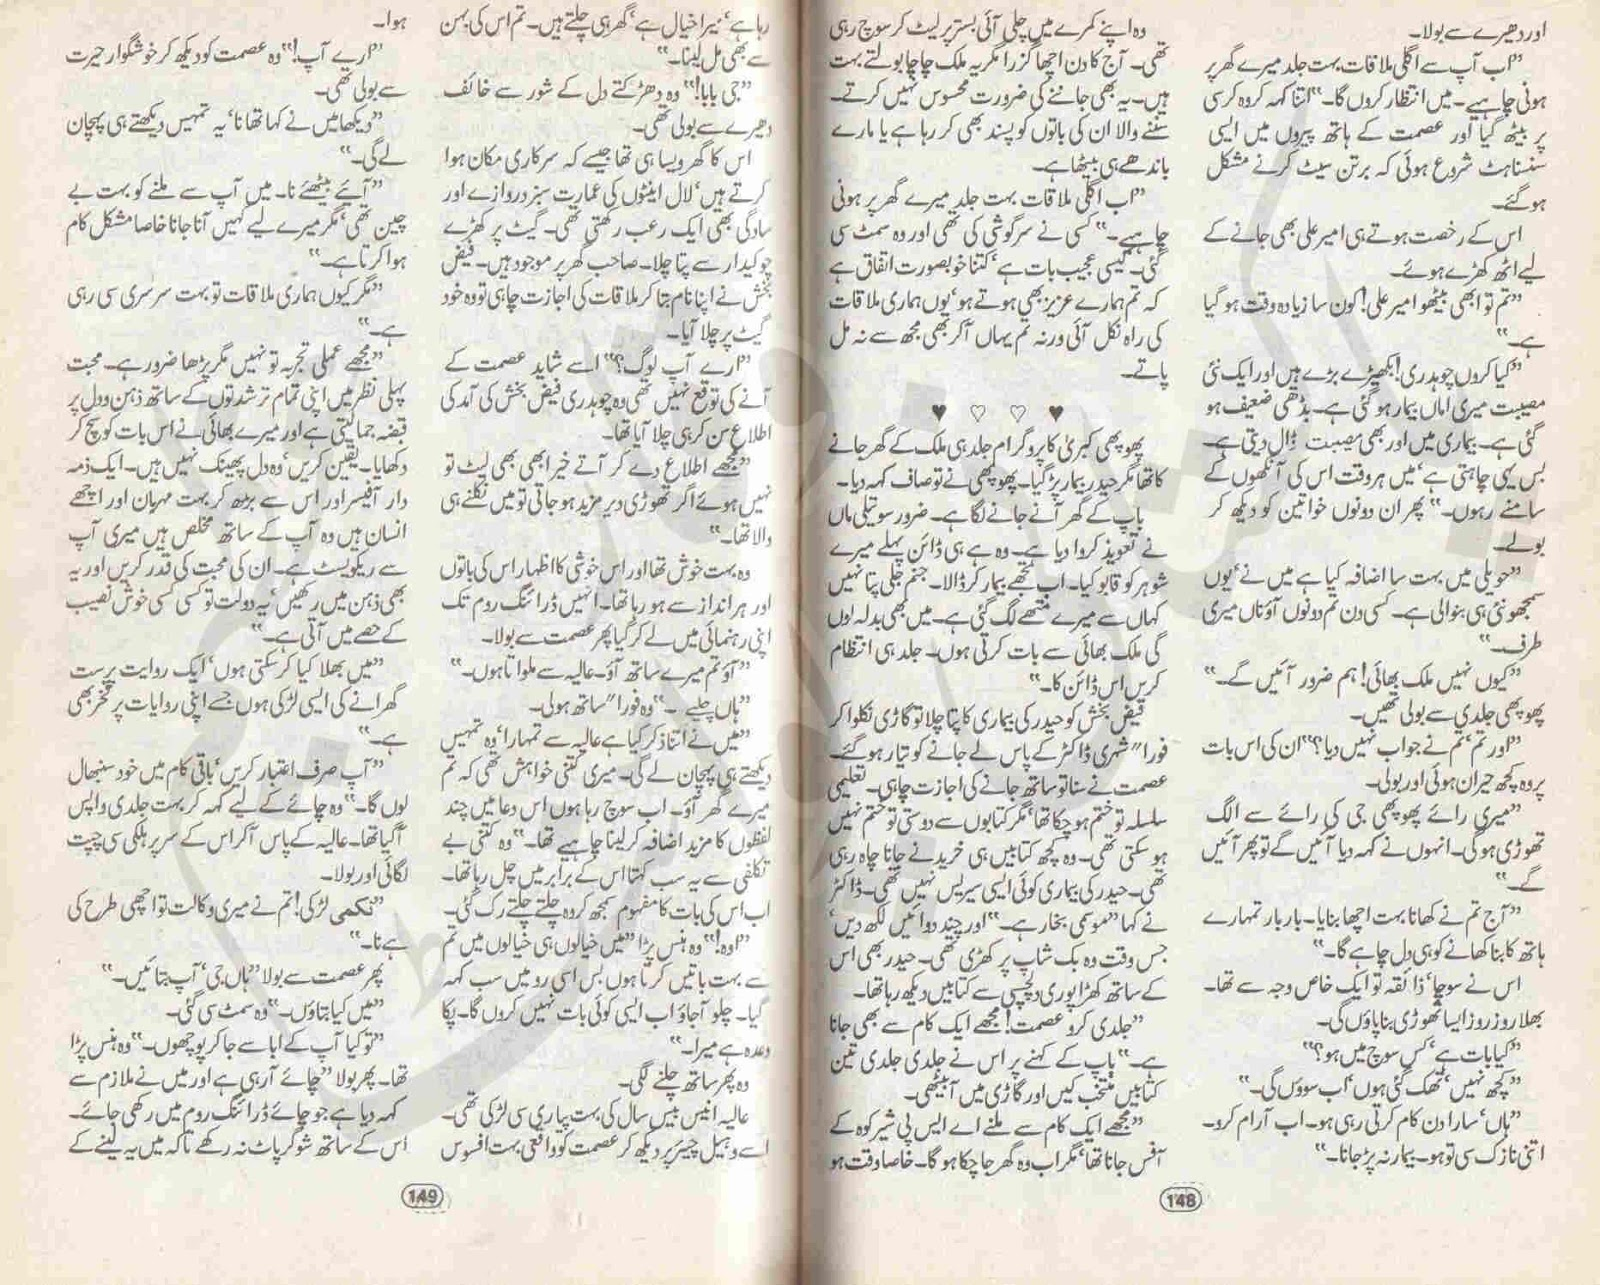 Kitab behtreen sathi in urdu - Research paper Sample